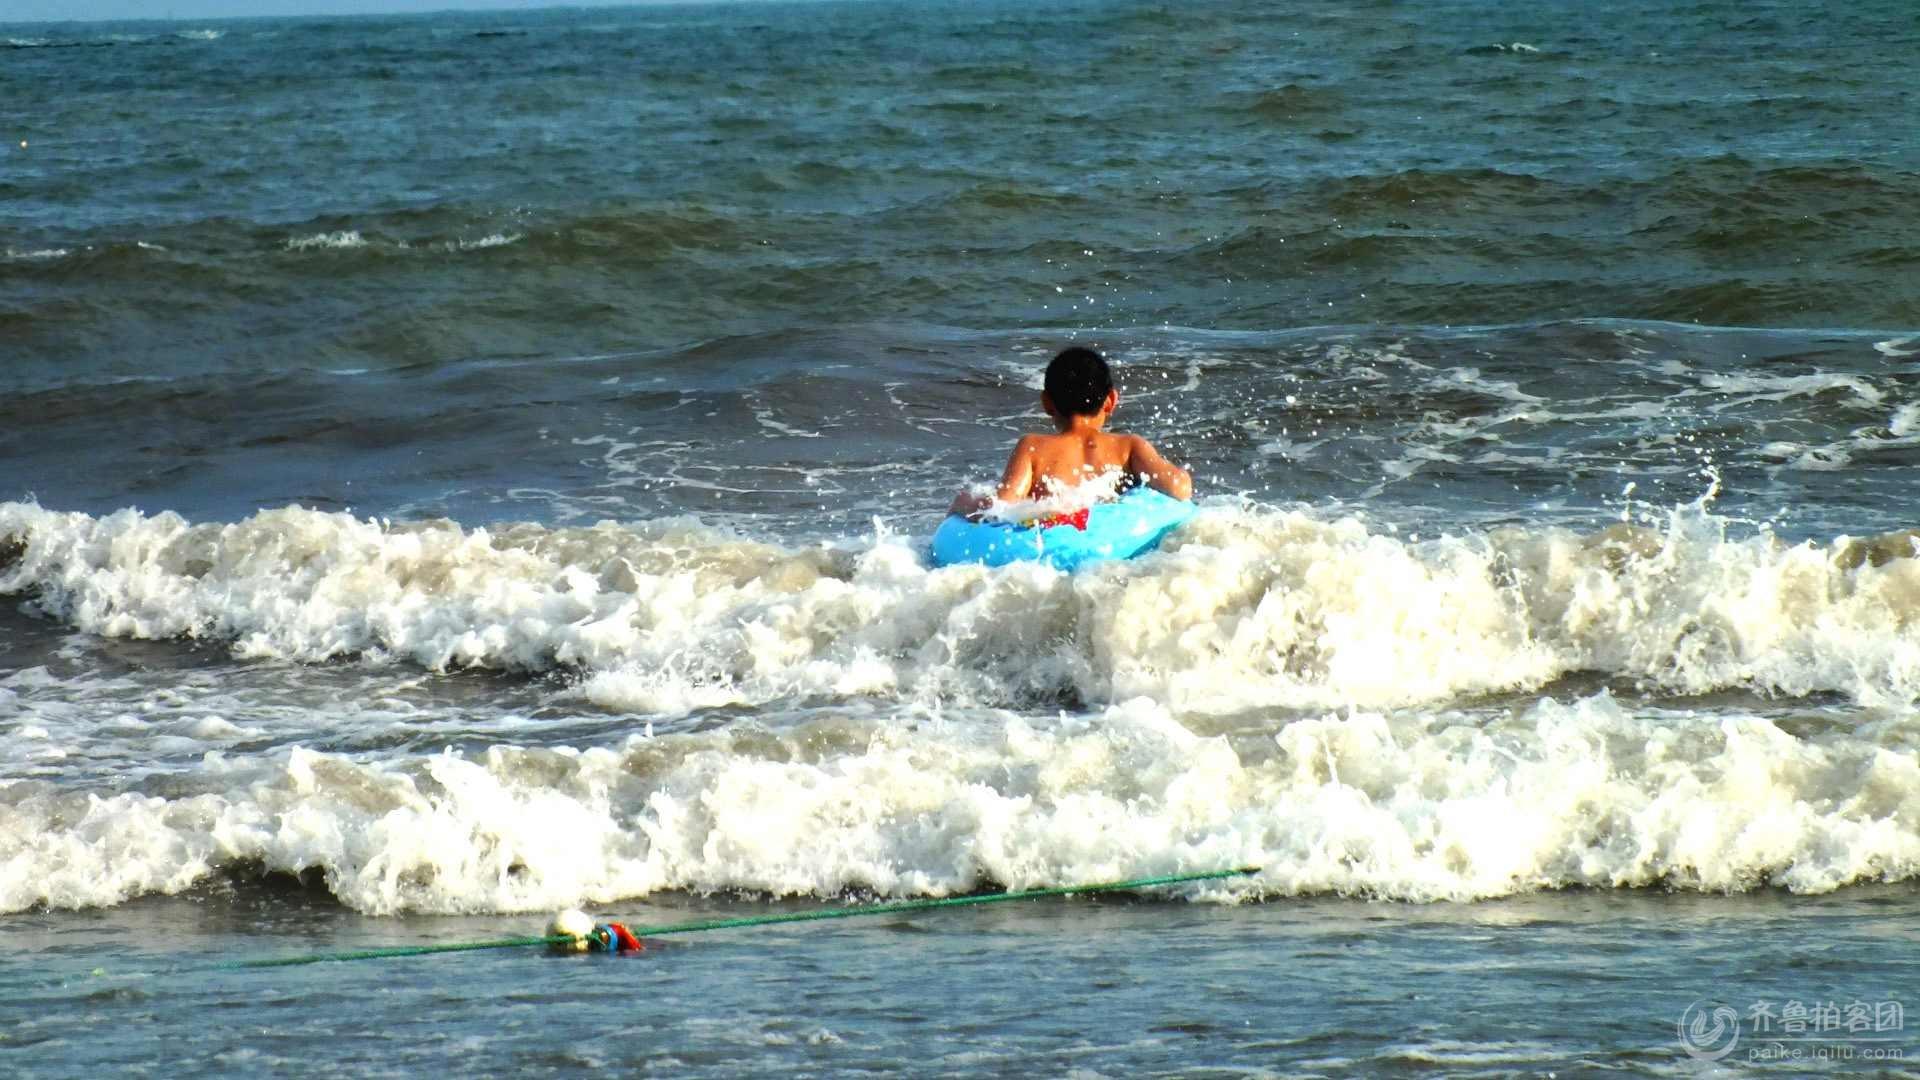 狂欢的海水浴汤 - 青岛拍客 - 齐鲁社区 - 山东最大的